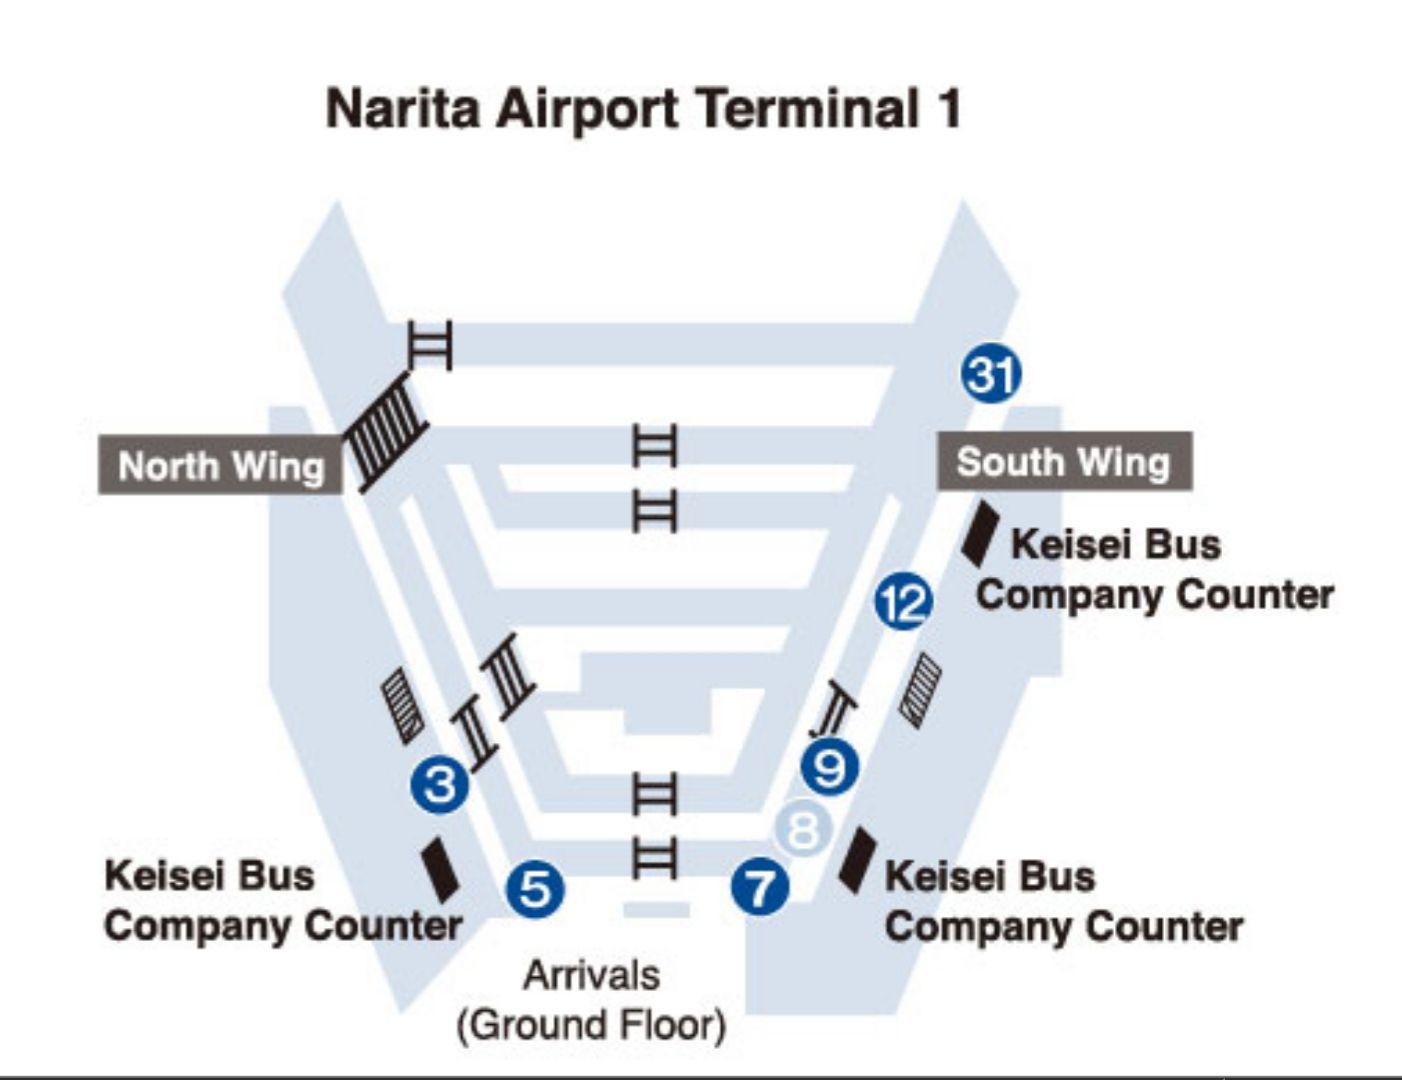 จุดจอดรถ Keisei Bus ณ สนามบินนานาชาตินาริตะ ทางออก 1